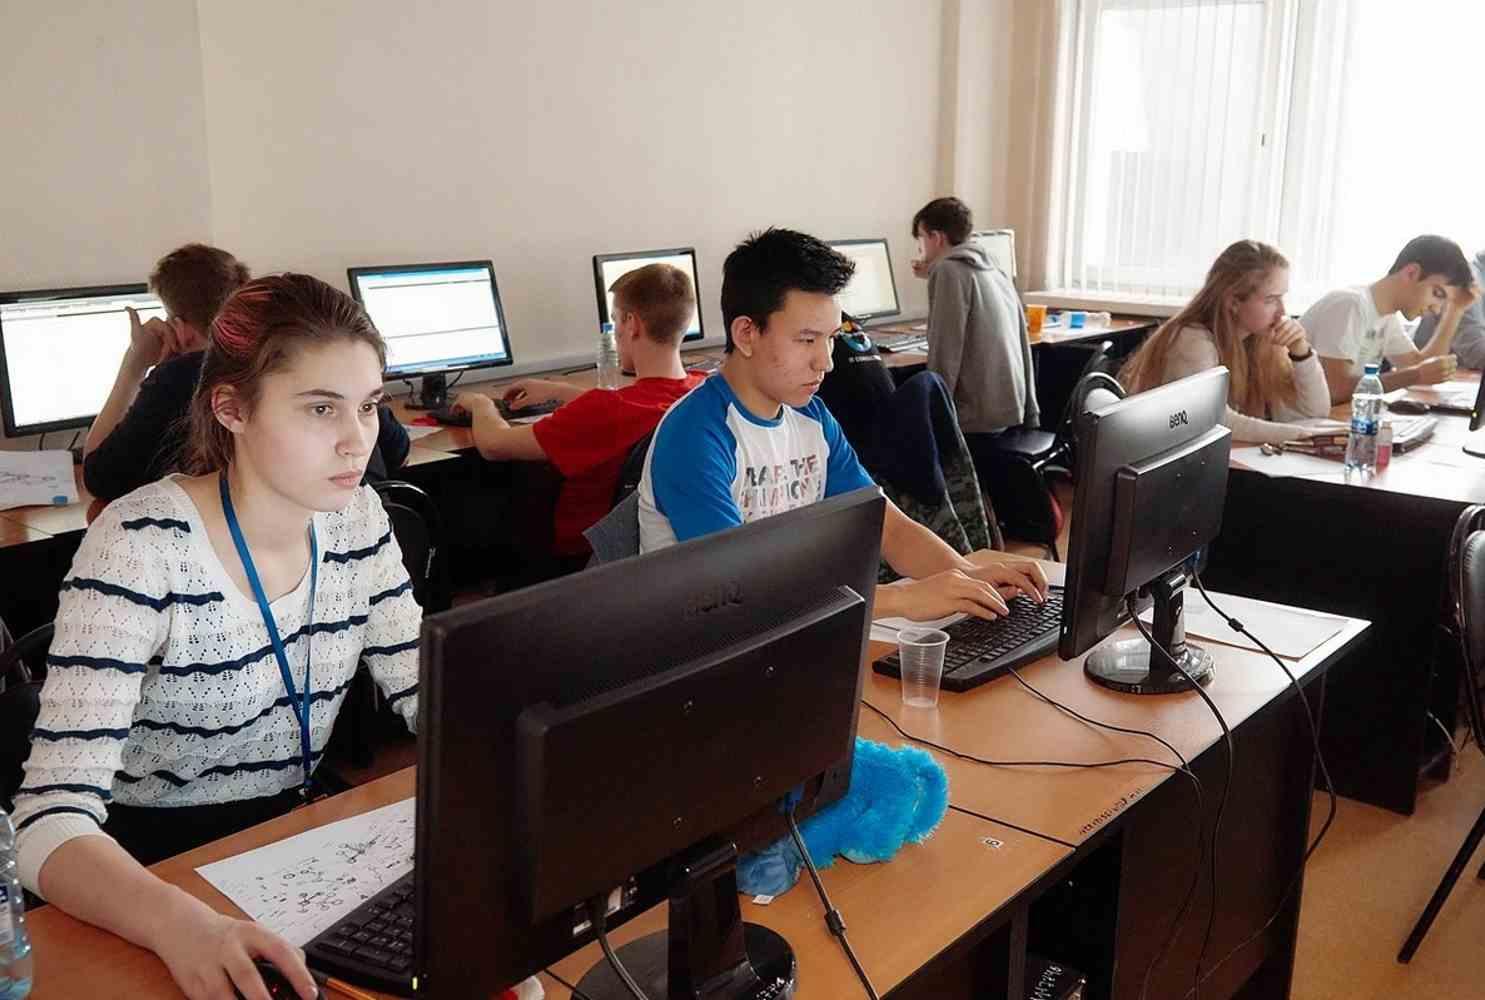 rossijskih-shkolnikov-nauchat-borotsya-s-kompyuternymi-virusami